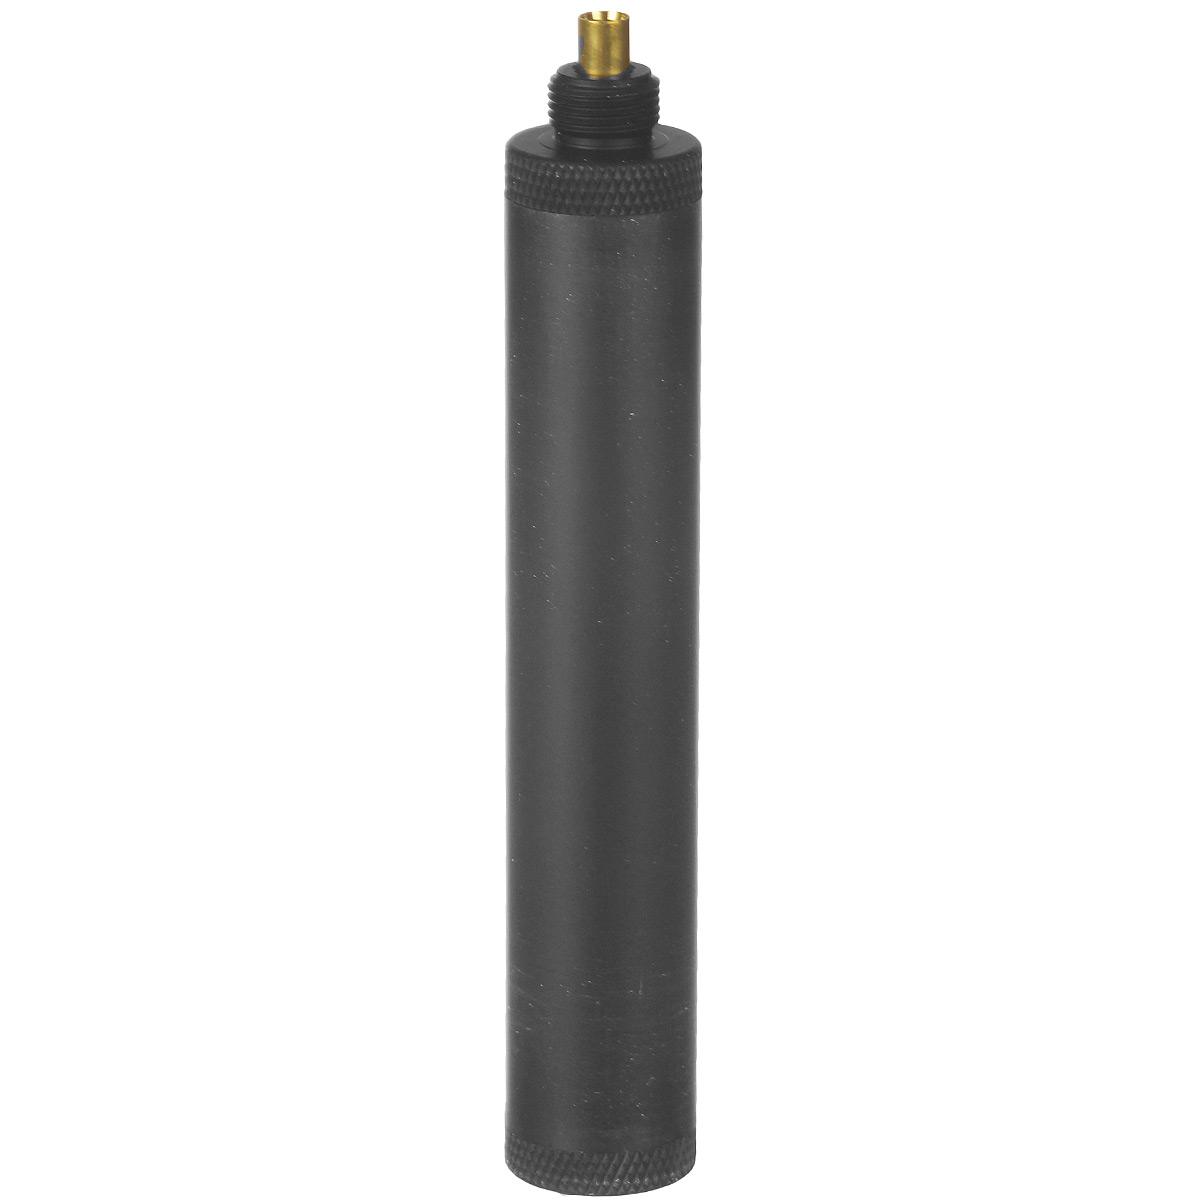 ASG имитация глушителя-удлинитель ствола CZ75D, CZ 75 P-07, STI (17644)17644Имитация глушителя - удлинитель ствола. Подходит для пневматических пистолетов ASG линейки CZ75D, P-07 DUTY, STI DUTY калибра 4,5 мм. Внутри находится подпружиненный ствол, который при навинчивании глушителя удлиняет ствол пистолета и обеспечивает рост скорости примерно на 10 м/с. Возврат товара возможен только при наличии заключения сервисного центра. Время работы сервисного центра: Пн-чт: 10.00-18.00 Пт: 10.00- 17.00 Сб, Вс: выходные дни Адрес: ООО ГАТО, 121471, г.Москва, ул. Петра Алексеева, д 12., тел. (495)232-4670, gato@gato.ru